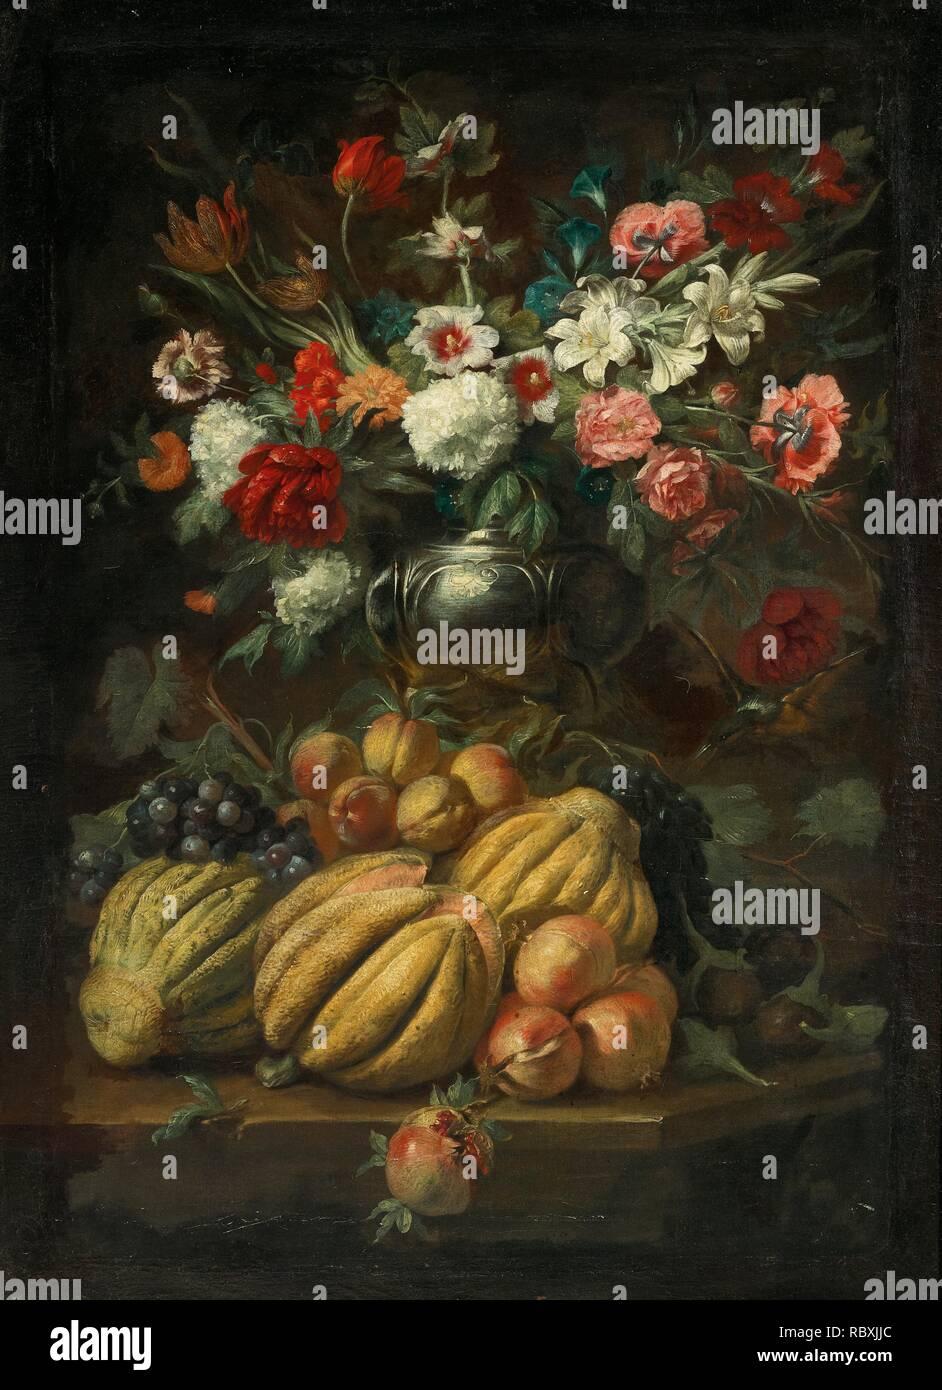 Abraham Brueghel [avis] salle des ventes (Anvers 16311697 Naples) dans un vase de fleurs et fruits sur une table.jpg - RBXJJC Banque D'Images